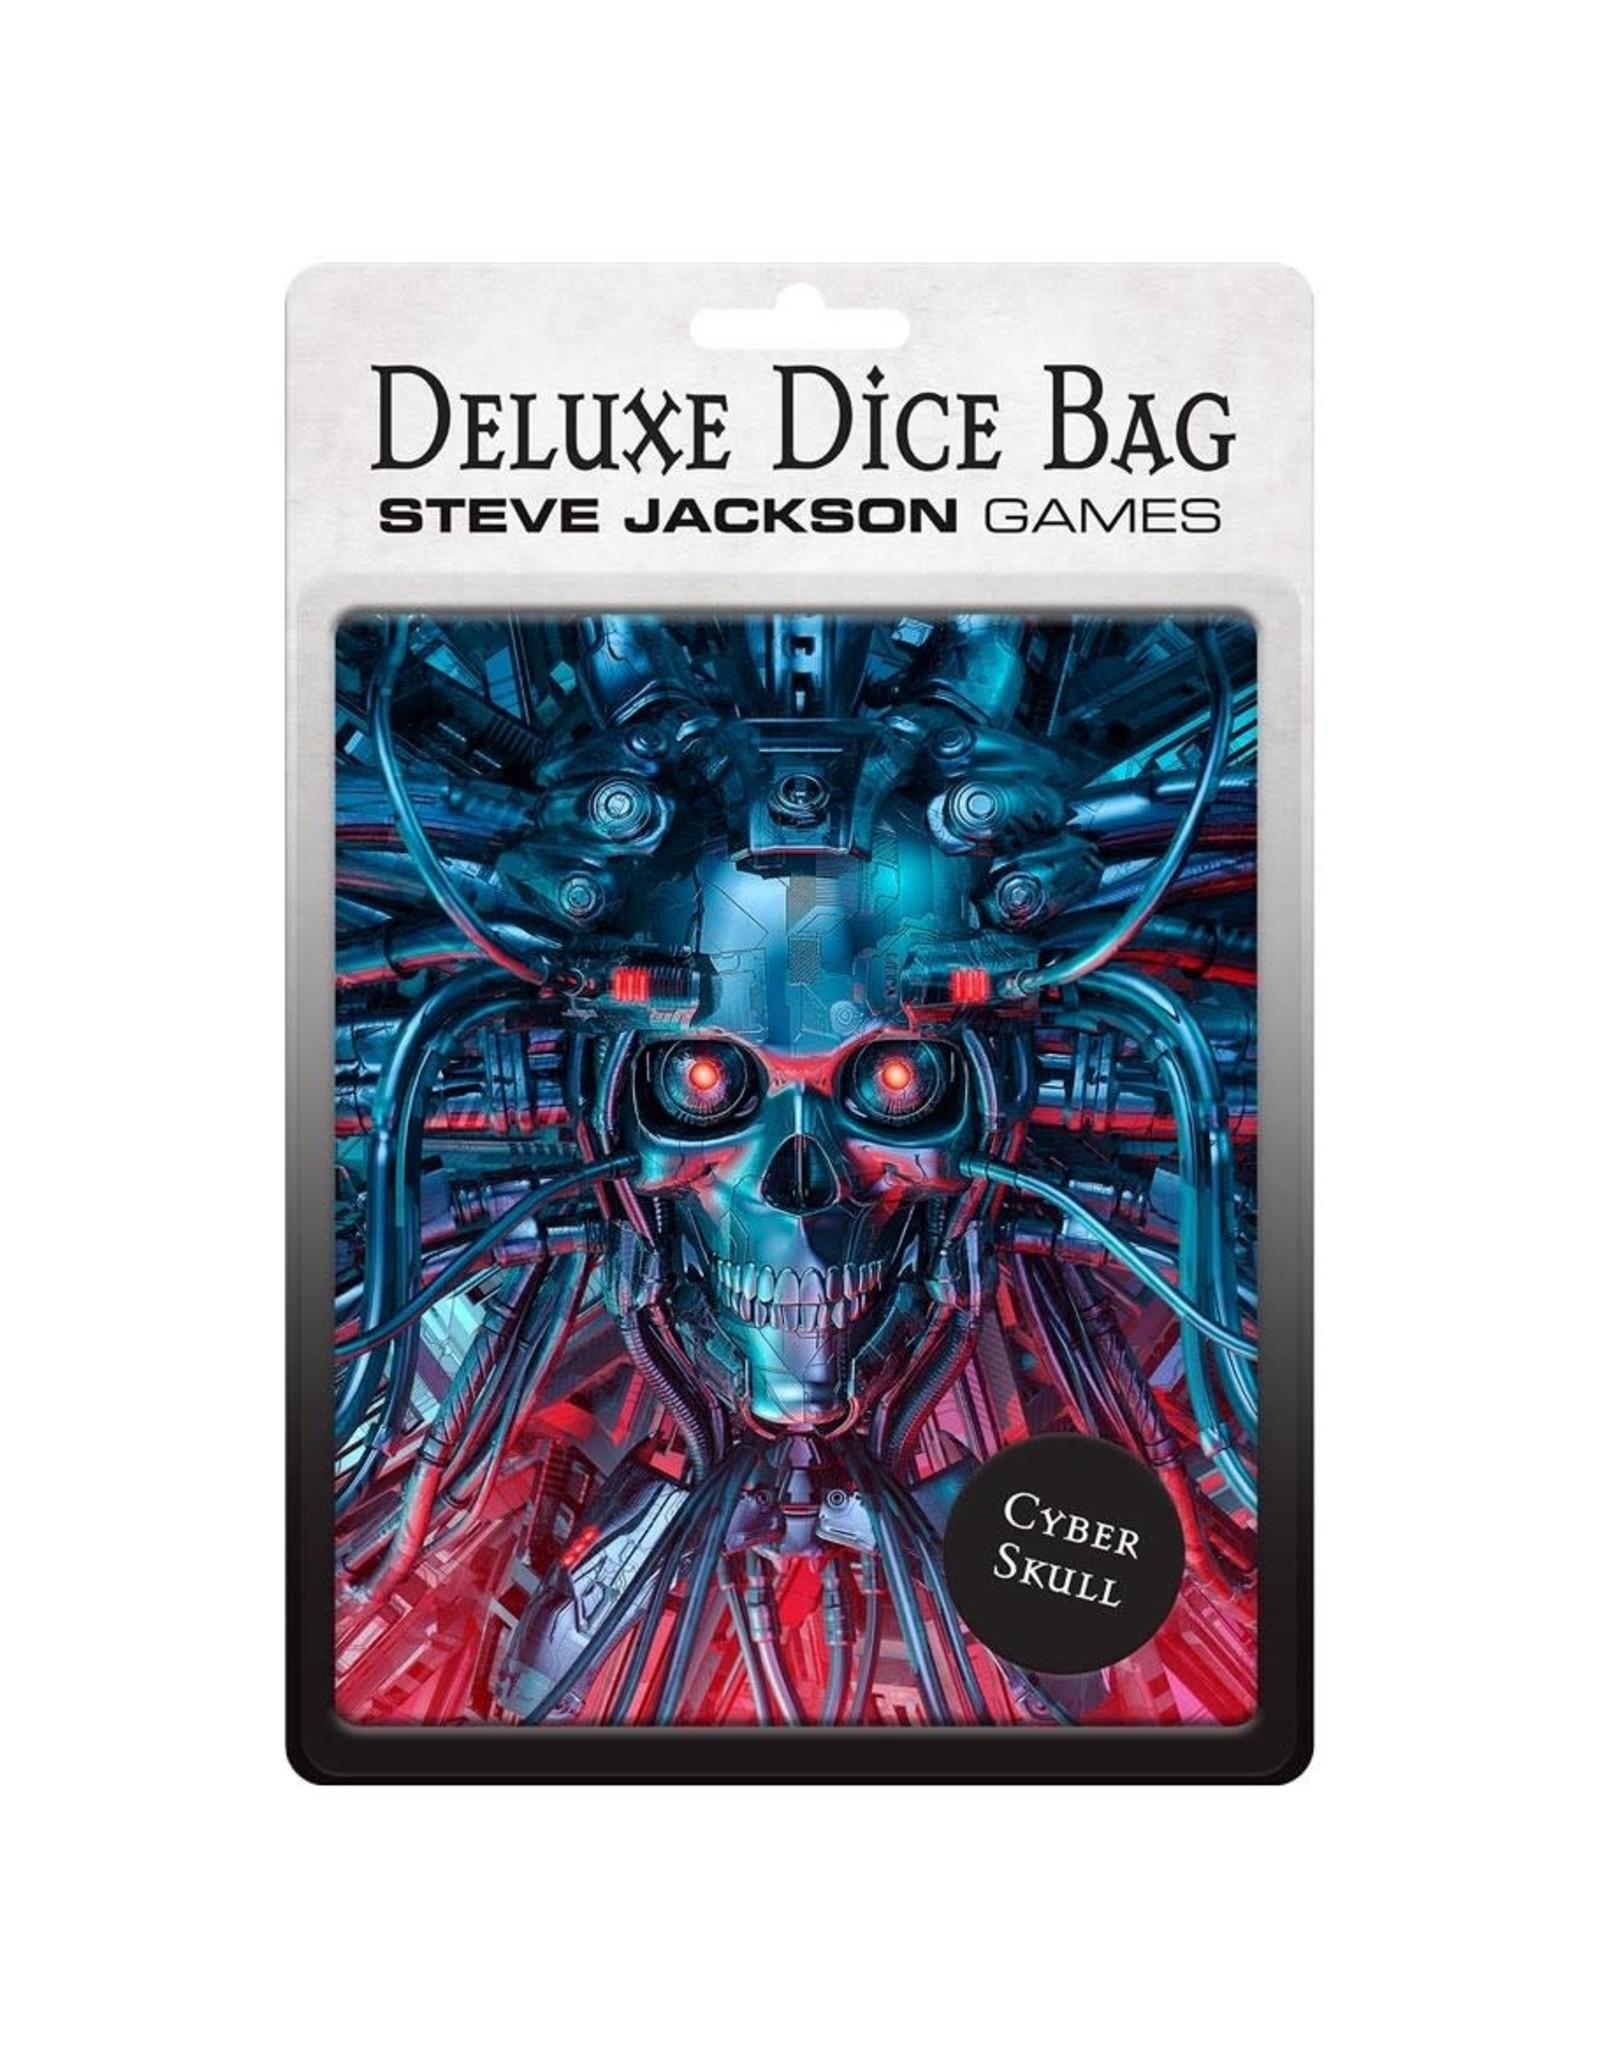 Steve Jackson Games Deluxe Dice Bag: Cyberskull